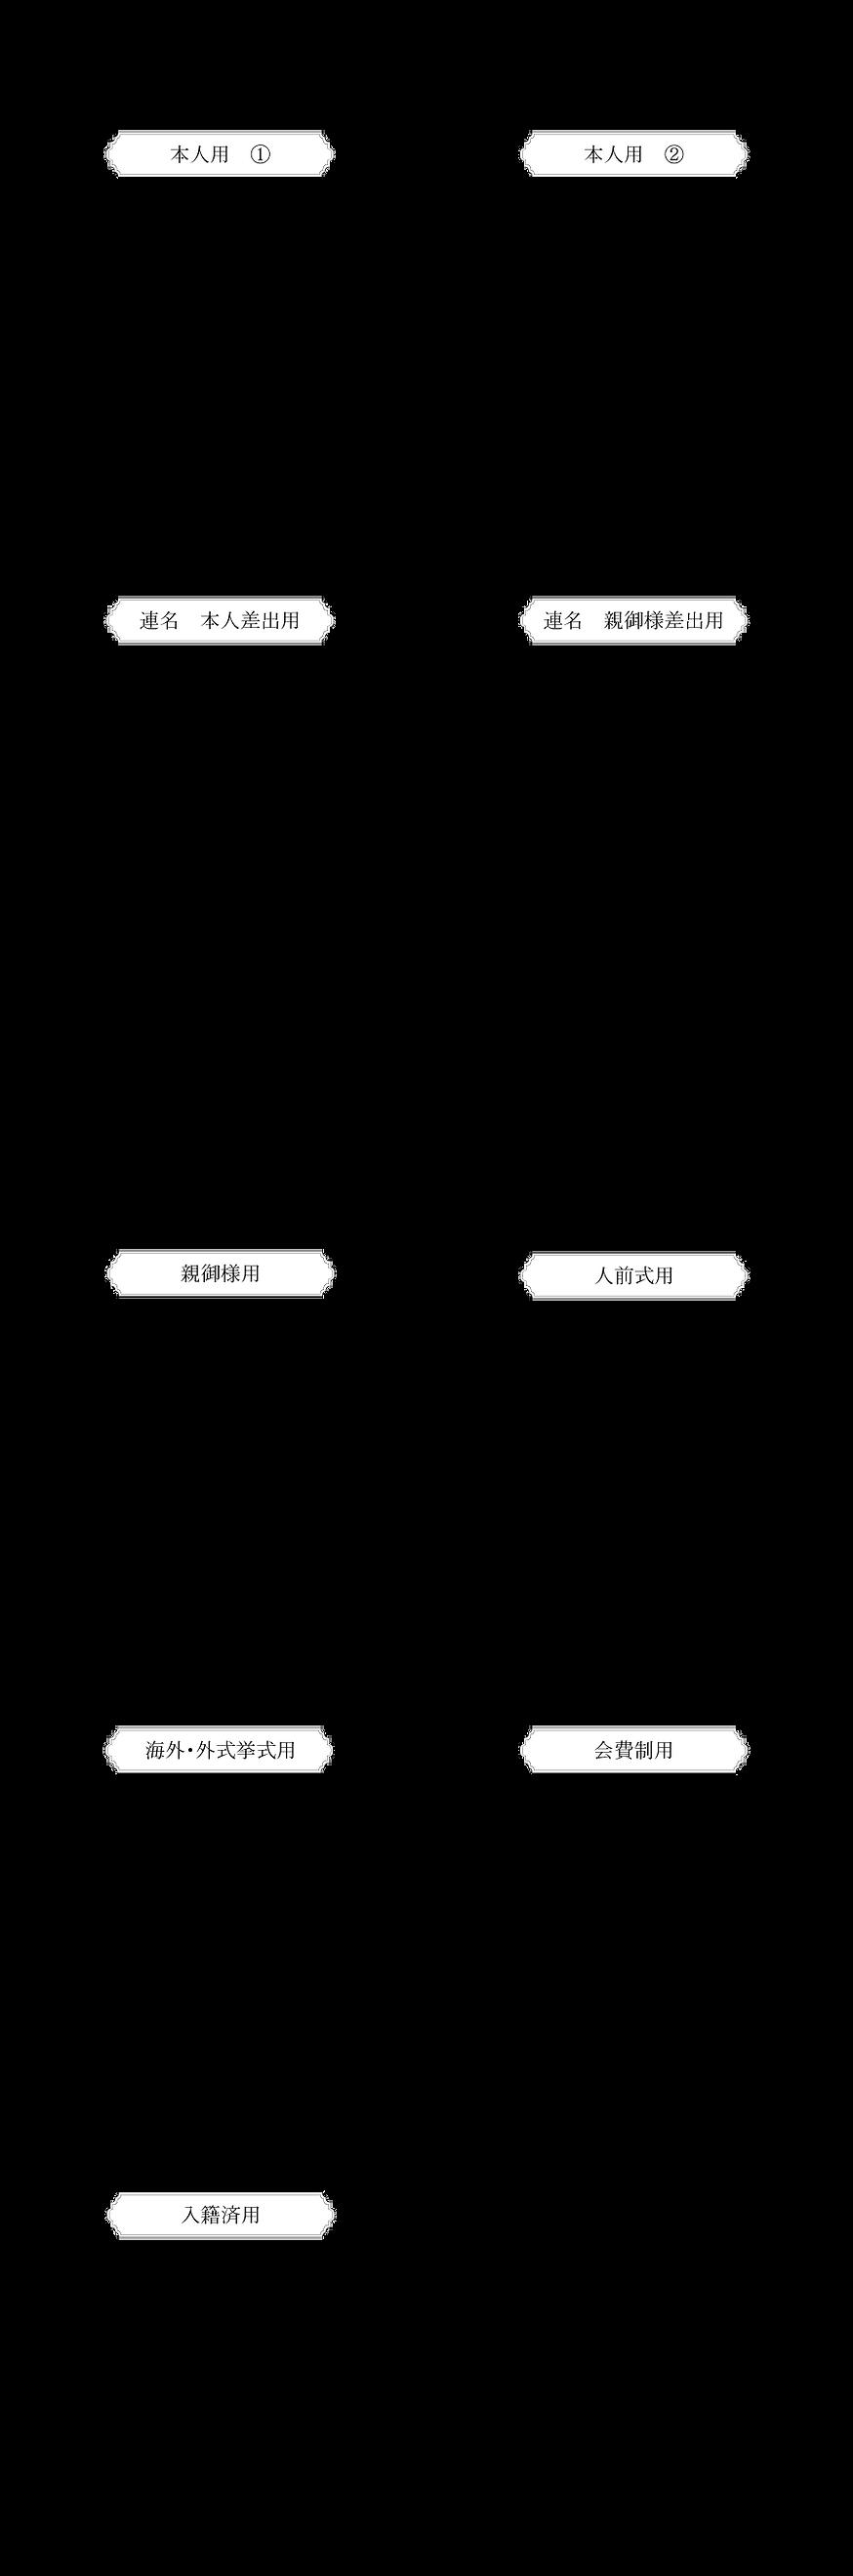 招待状文例.png